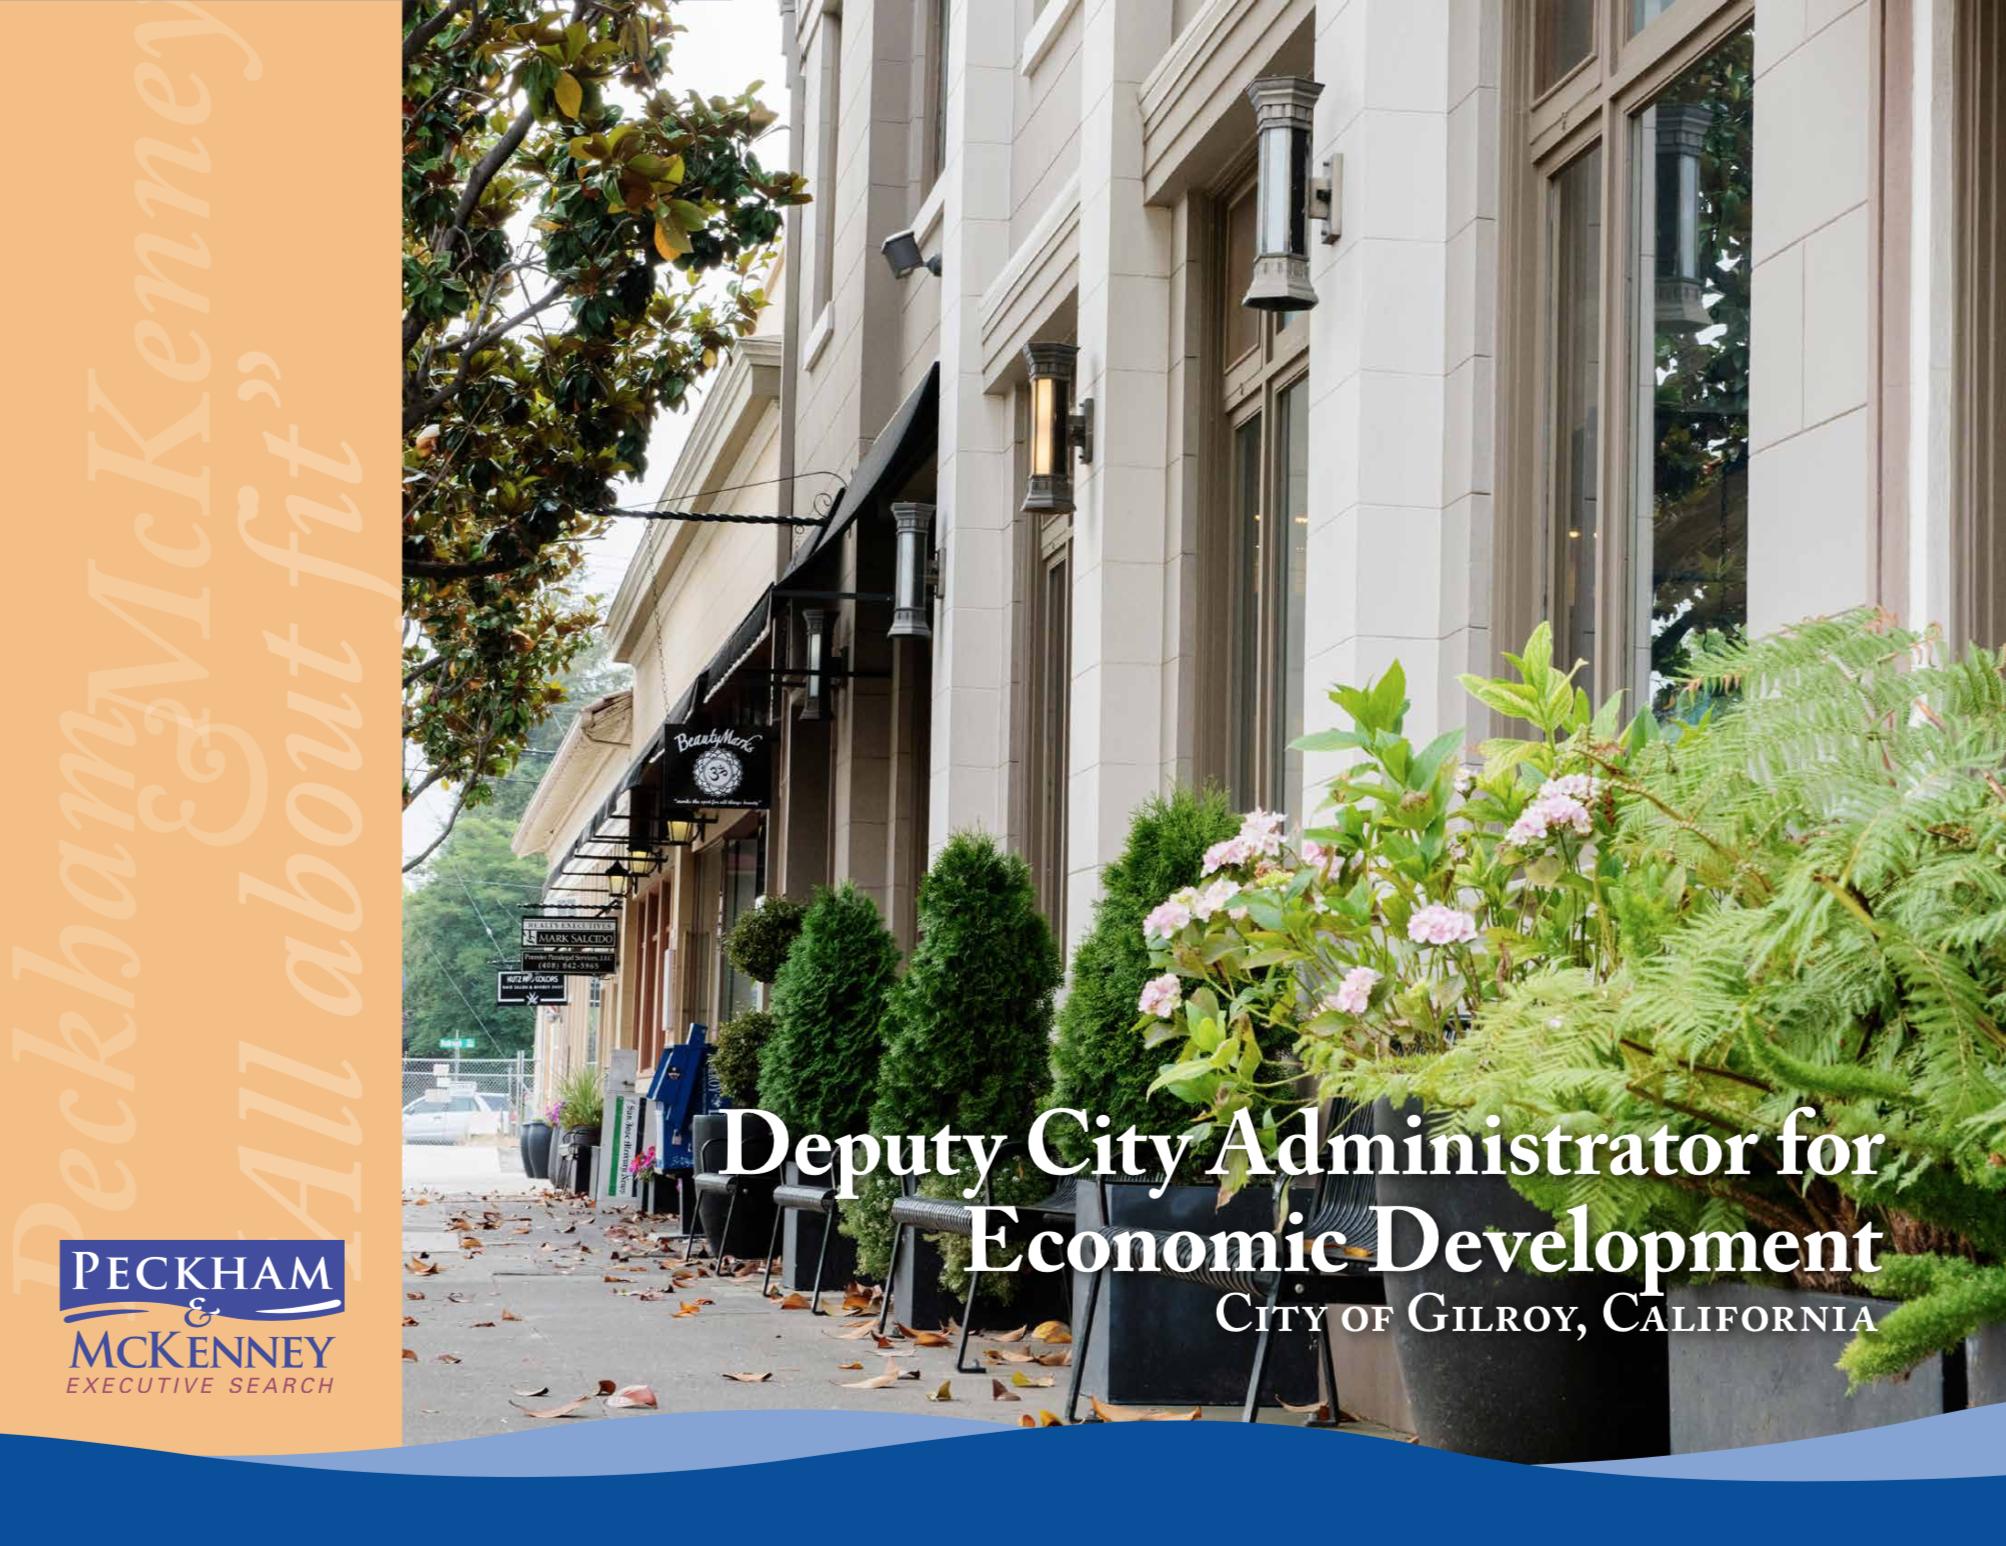 DeputyCityAdministrator_GilroyCA